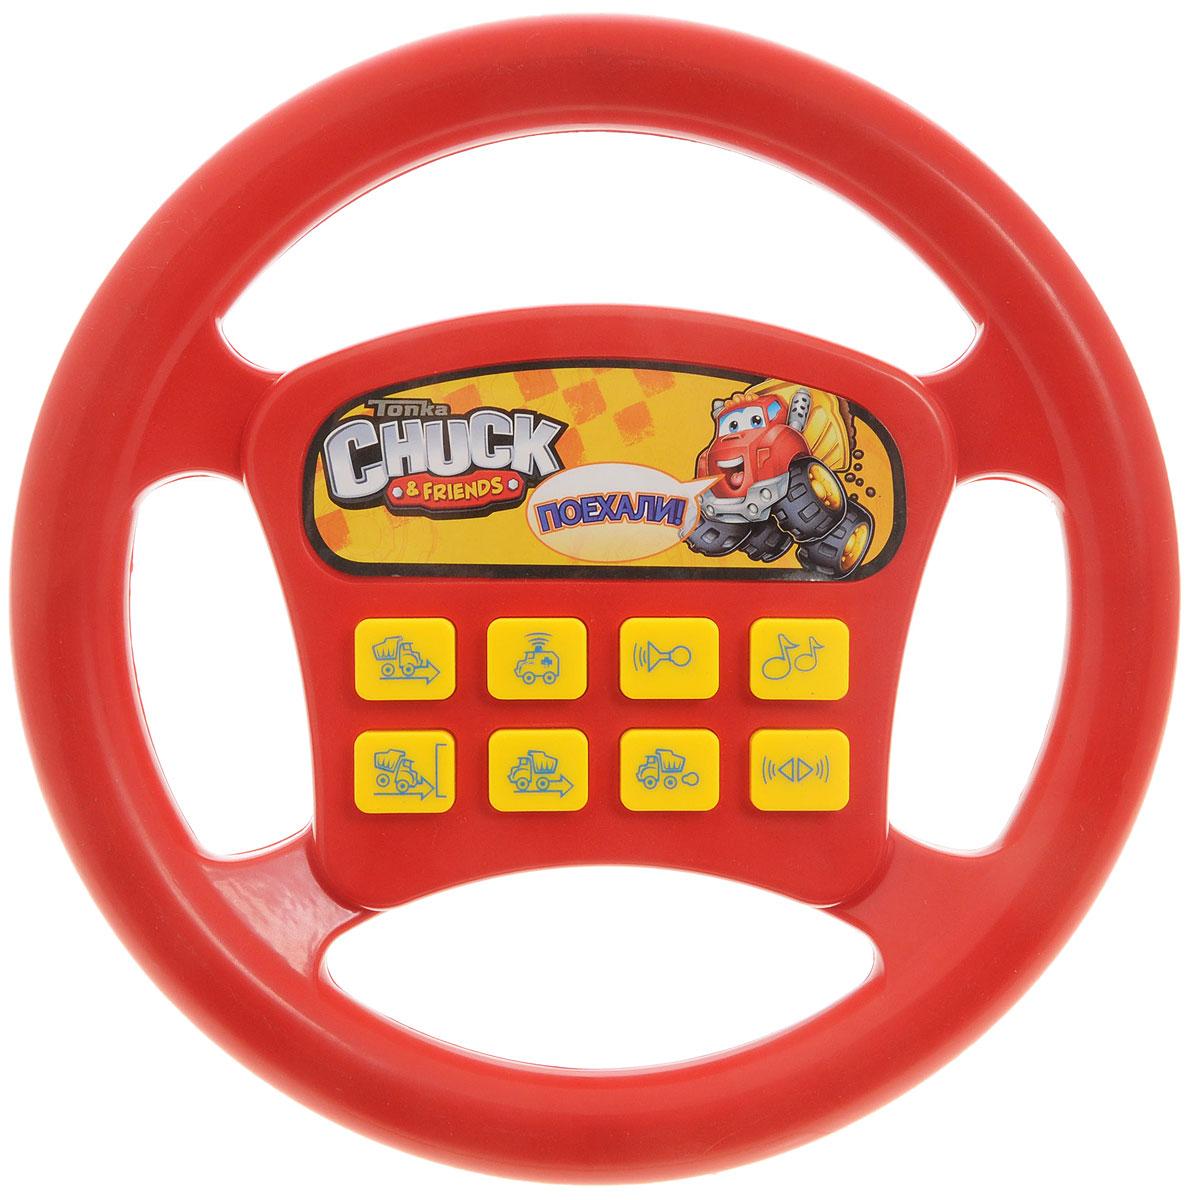 Играем вместе Игрушечный руль Chuck & FriendsA695-H05002-R1Игрушечный руль Играем вместе Chuck & Friends не оставит равнодушным вашего юного автолюбителя. Теперь ваш ребенок сможет фантазировать и представлять себя водителем в любом месте: и дома, сидя на стуле, и на заднем сиденье автомобиля во время поездки. Руль обладает множеством звуковых эффектов. Нажимая на одну из 8 кнопок, ребенок услышит веселые песенки, звуки сирены, рычание мотора и множество других. Играя с рулем, малыш разовьет воображение и фантазию, ведь так здорово представлять себя водителем, который едет в необыкновенное путешествие. Необходимо купить 2 батарейки типа АА (не входят в комплект).